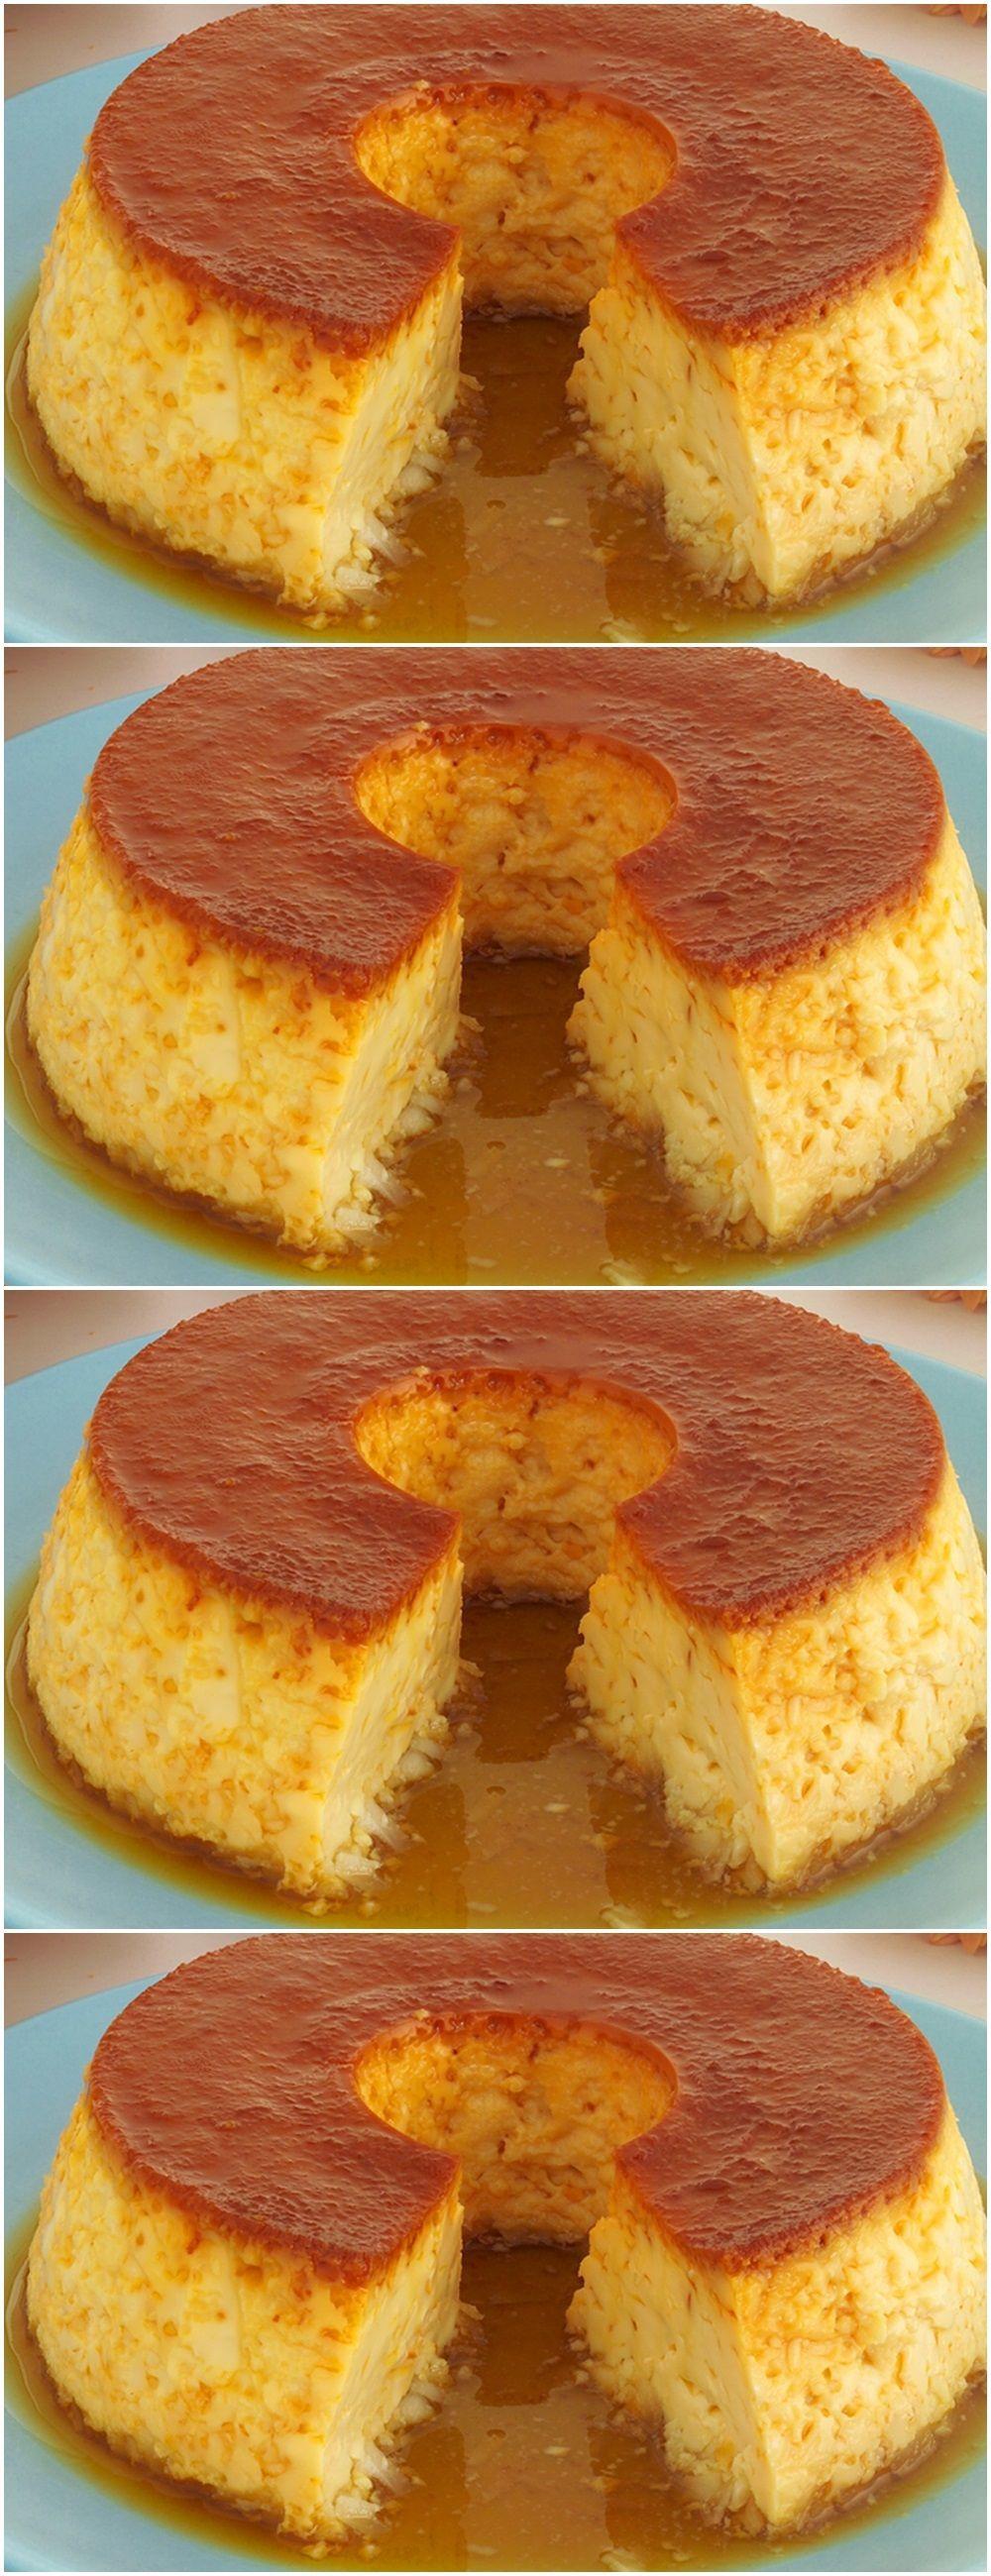 DELICIOSA DE PUDIM FURADINHO…DELICIOSOOO!! VEJA A AQUI>>>> Em uma panela, coloque o açúcar e leve ao fogo médio até derreter e dourar.#receita#bolo#torta#doce#sobremesa#aniversario#pudim#mousse#pave#Cheesecake#chocolate#Em uma panela, coloque o açúcar e leve ao fogo médio até derreter e dourar.#receita#bolo#torta#doce#sobremesa#aniversario#pudim#mousse#...